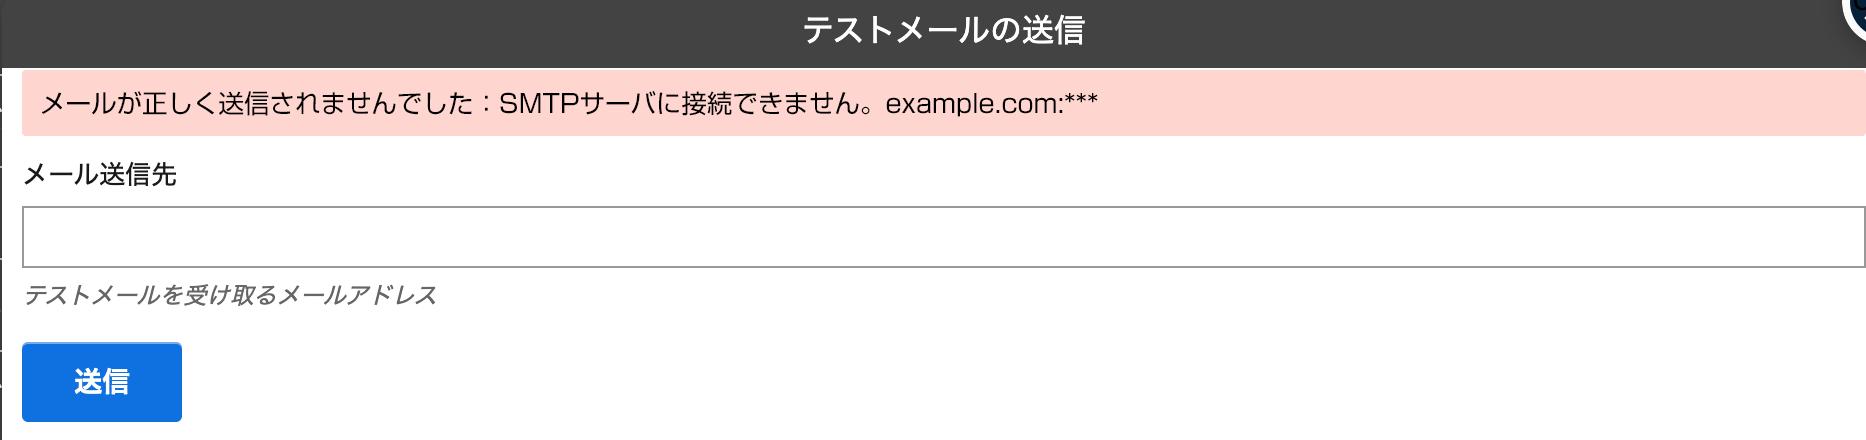 エラーメッセージ_2.png